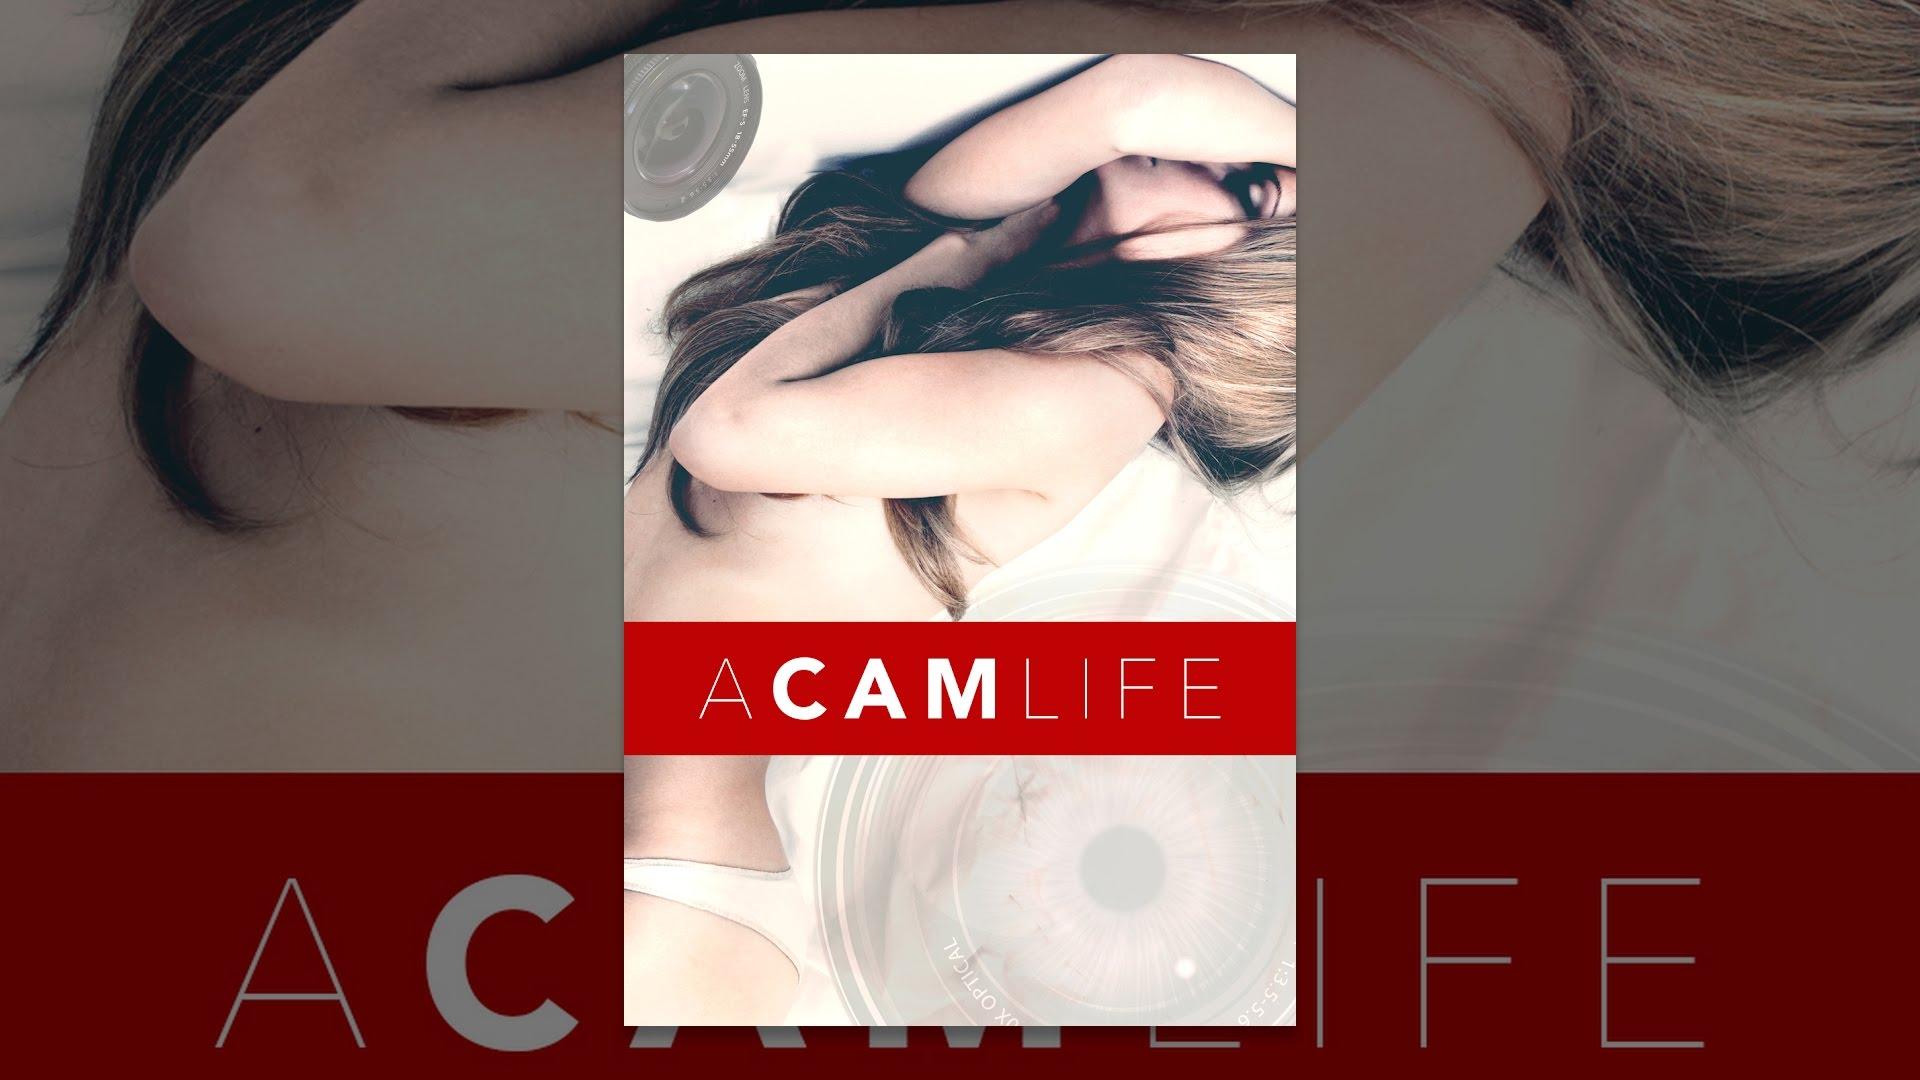 [VIDEO] - A Cam Life 9